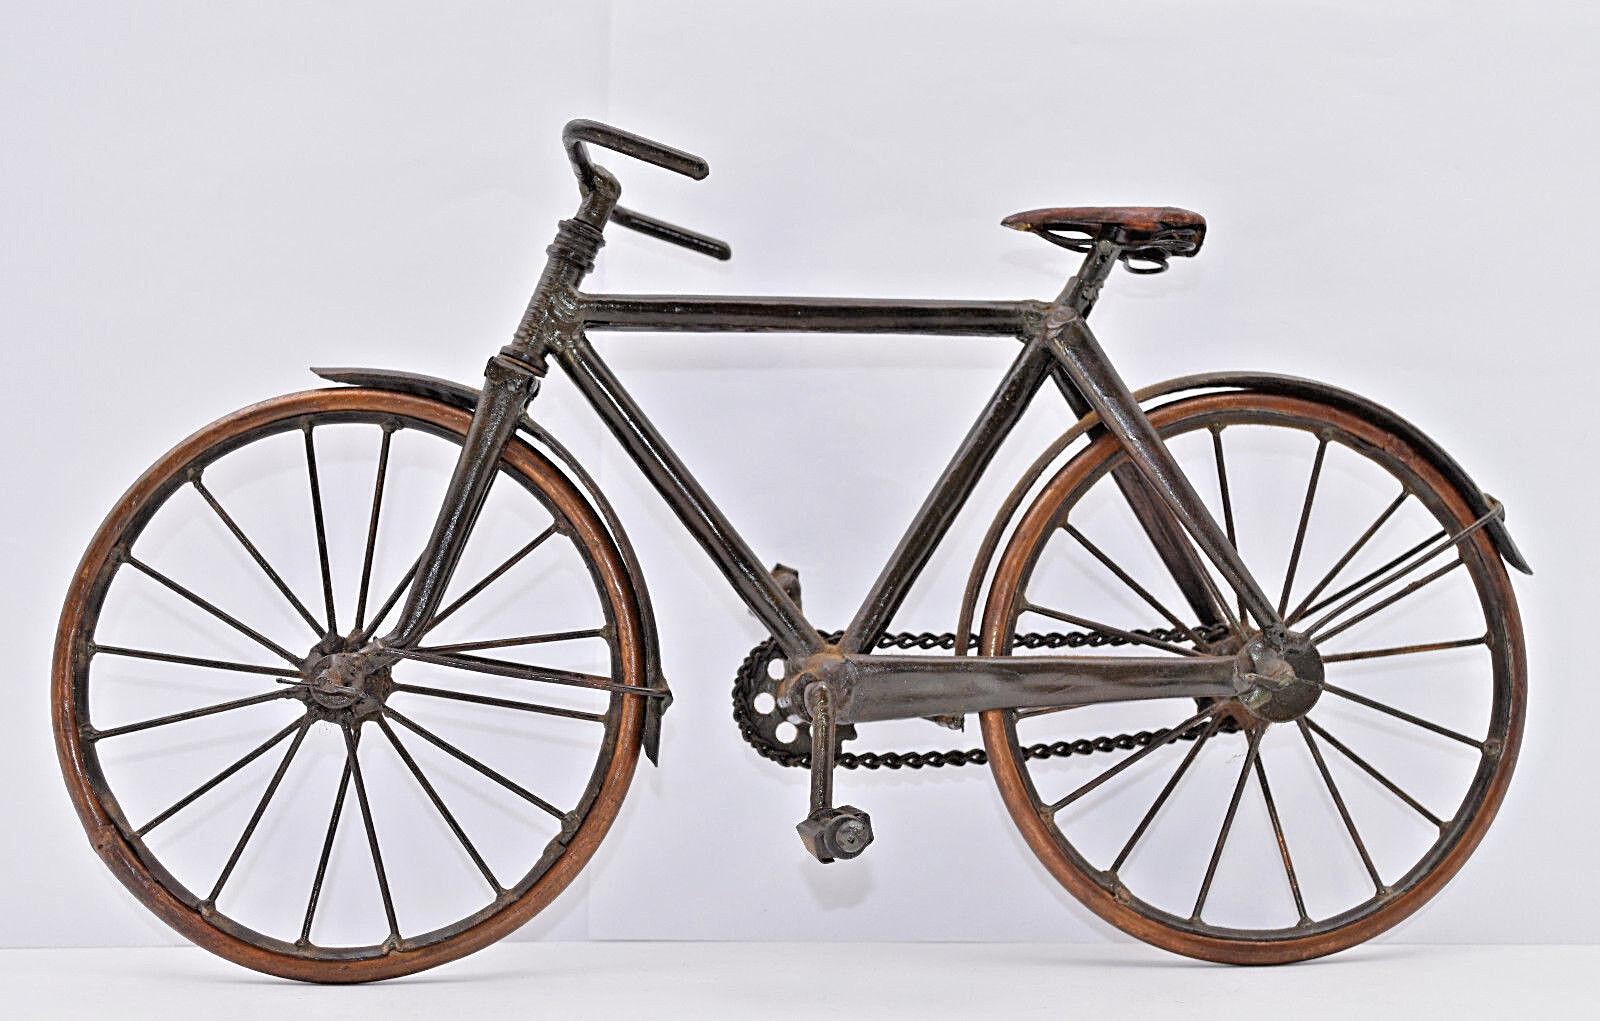 Model metal bike crafts copper old